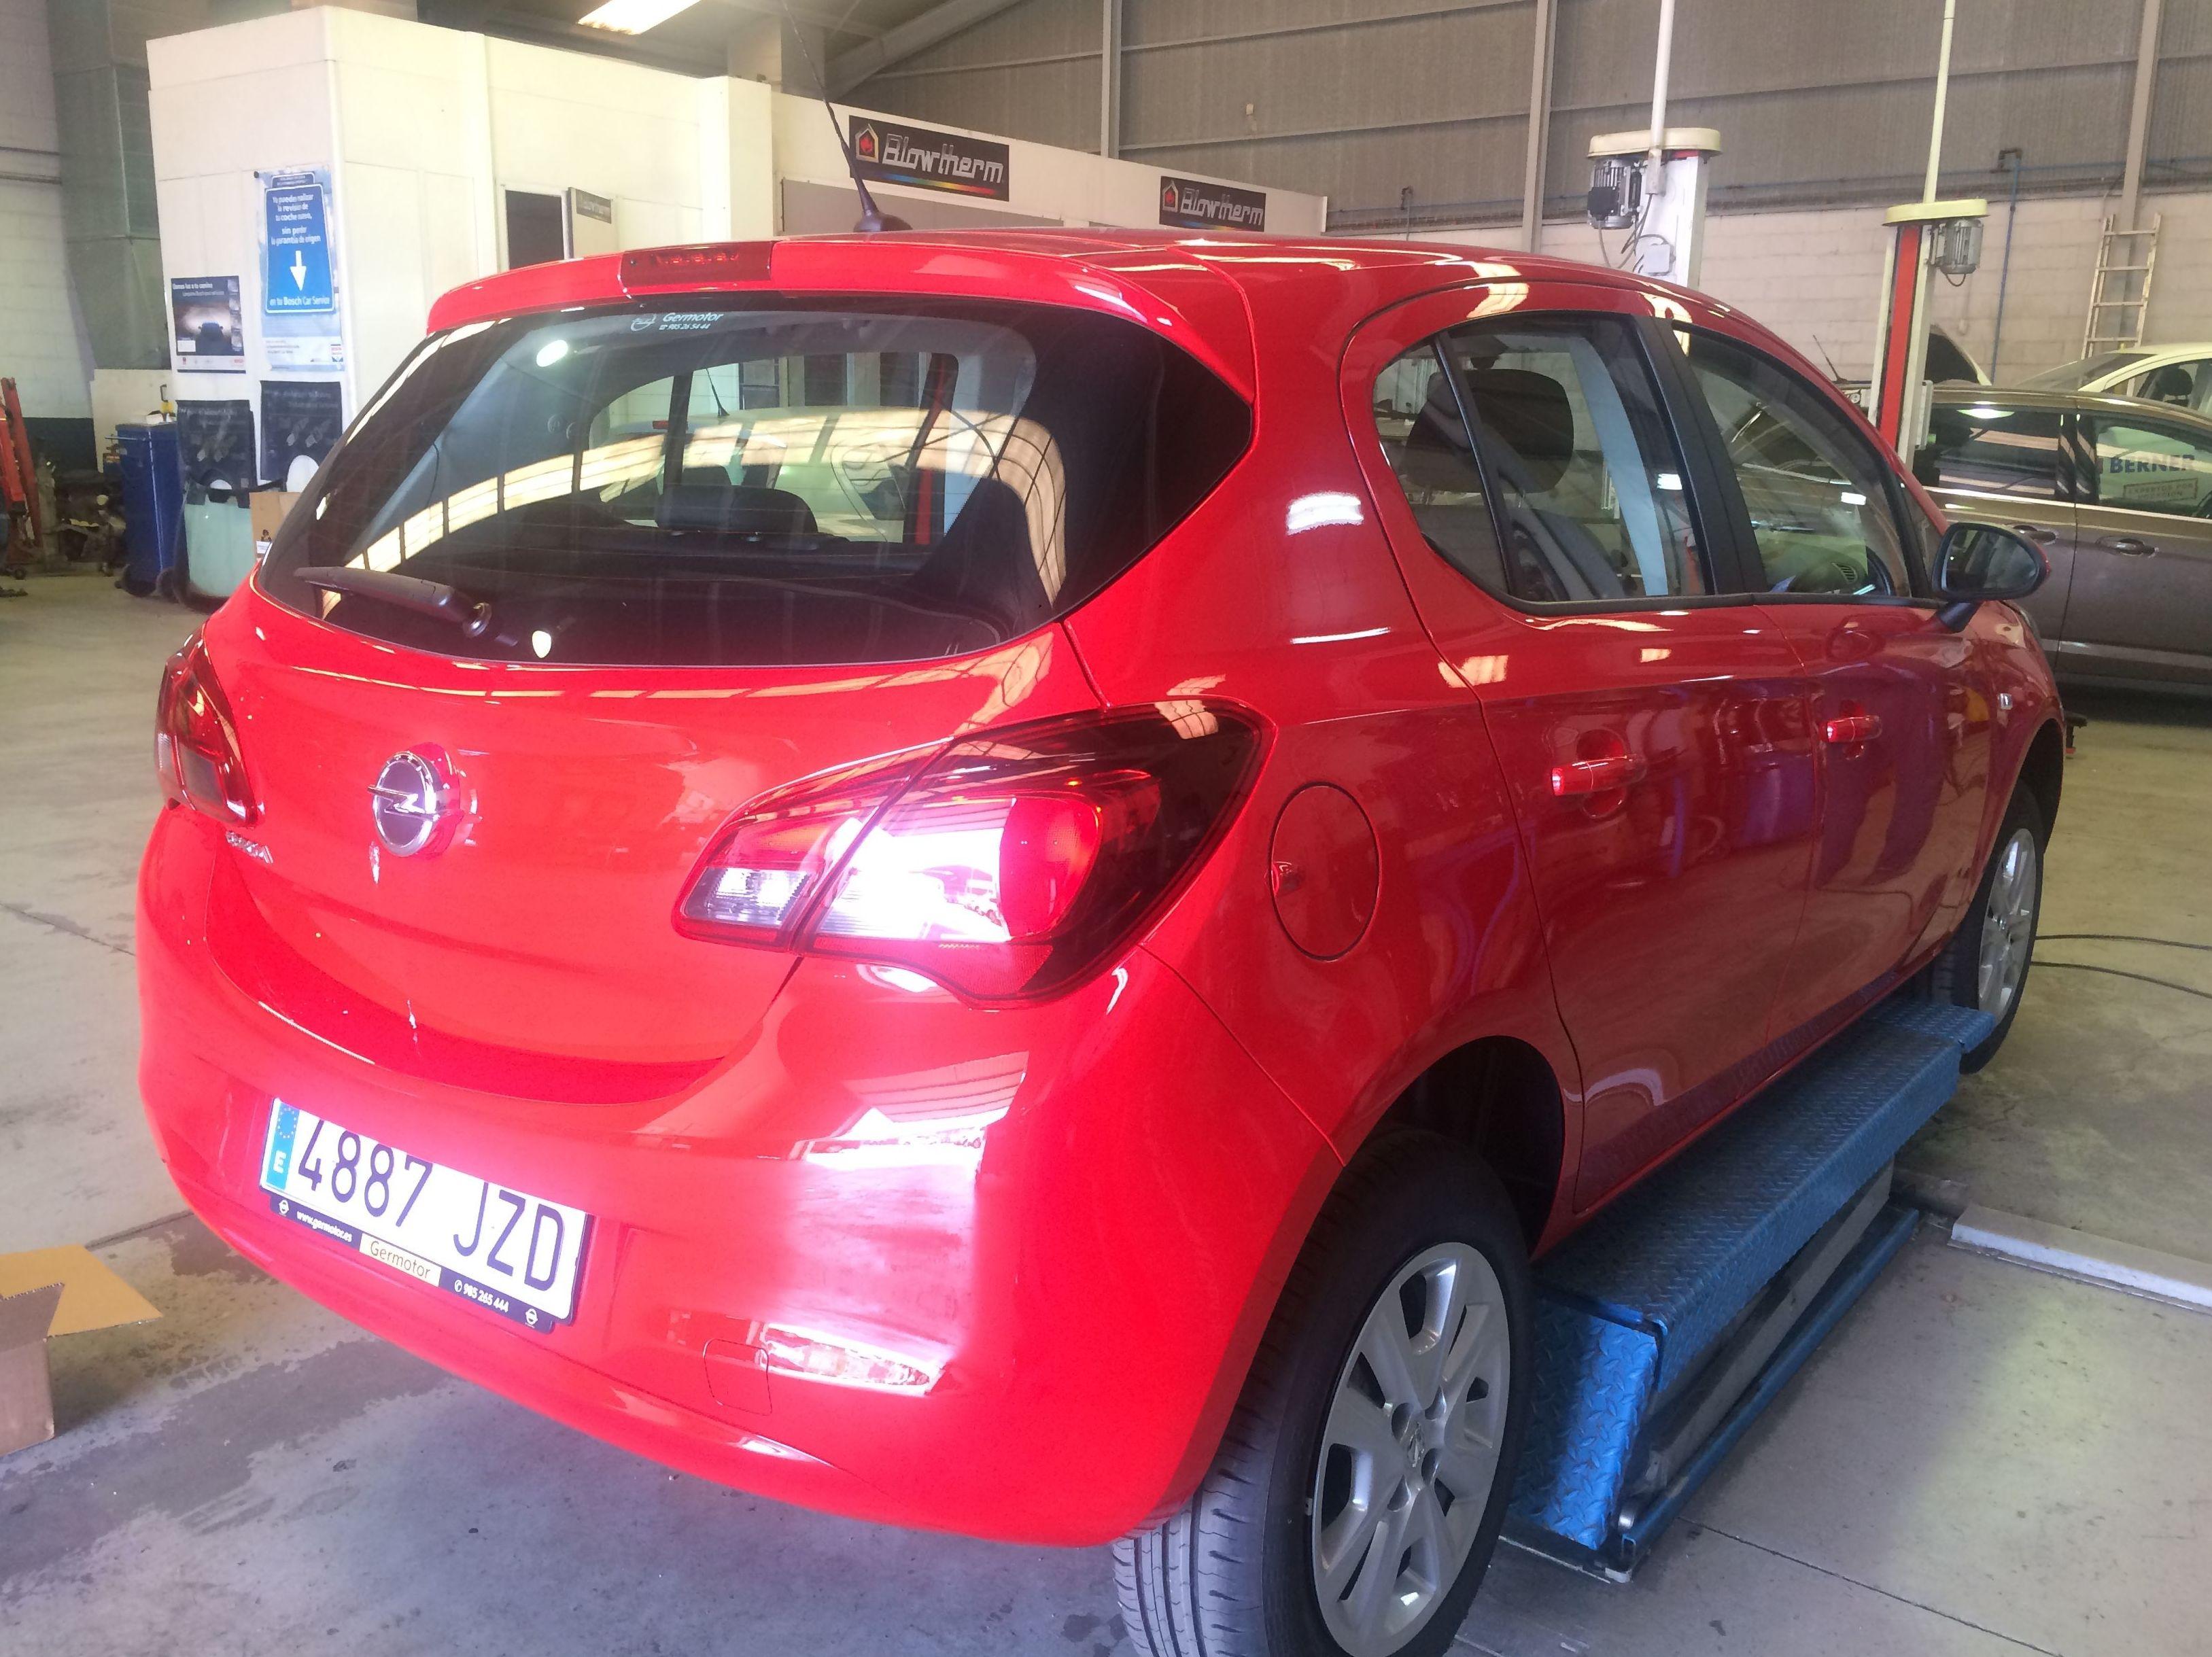 Adaptación de vehículos en Asturias nuevo vehículo adaptado por Cabal Automoción